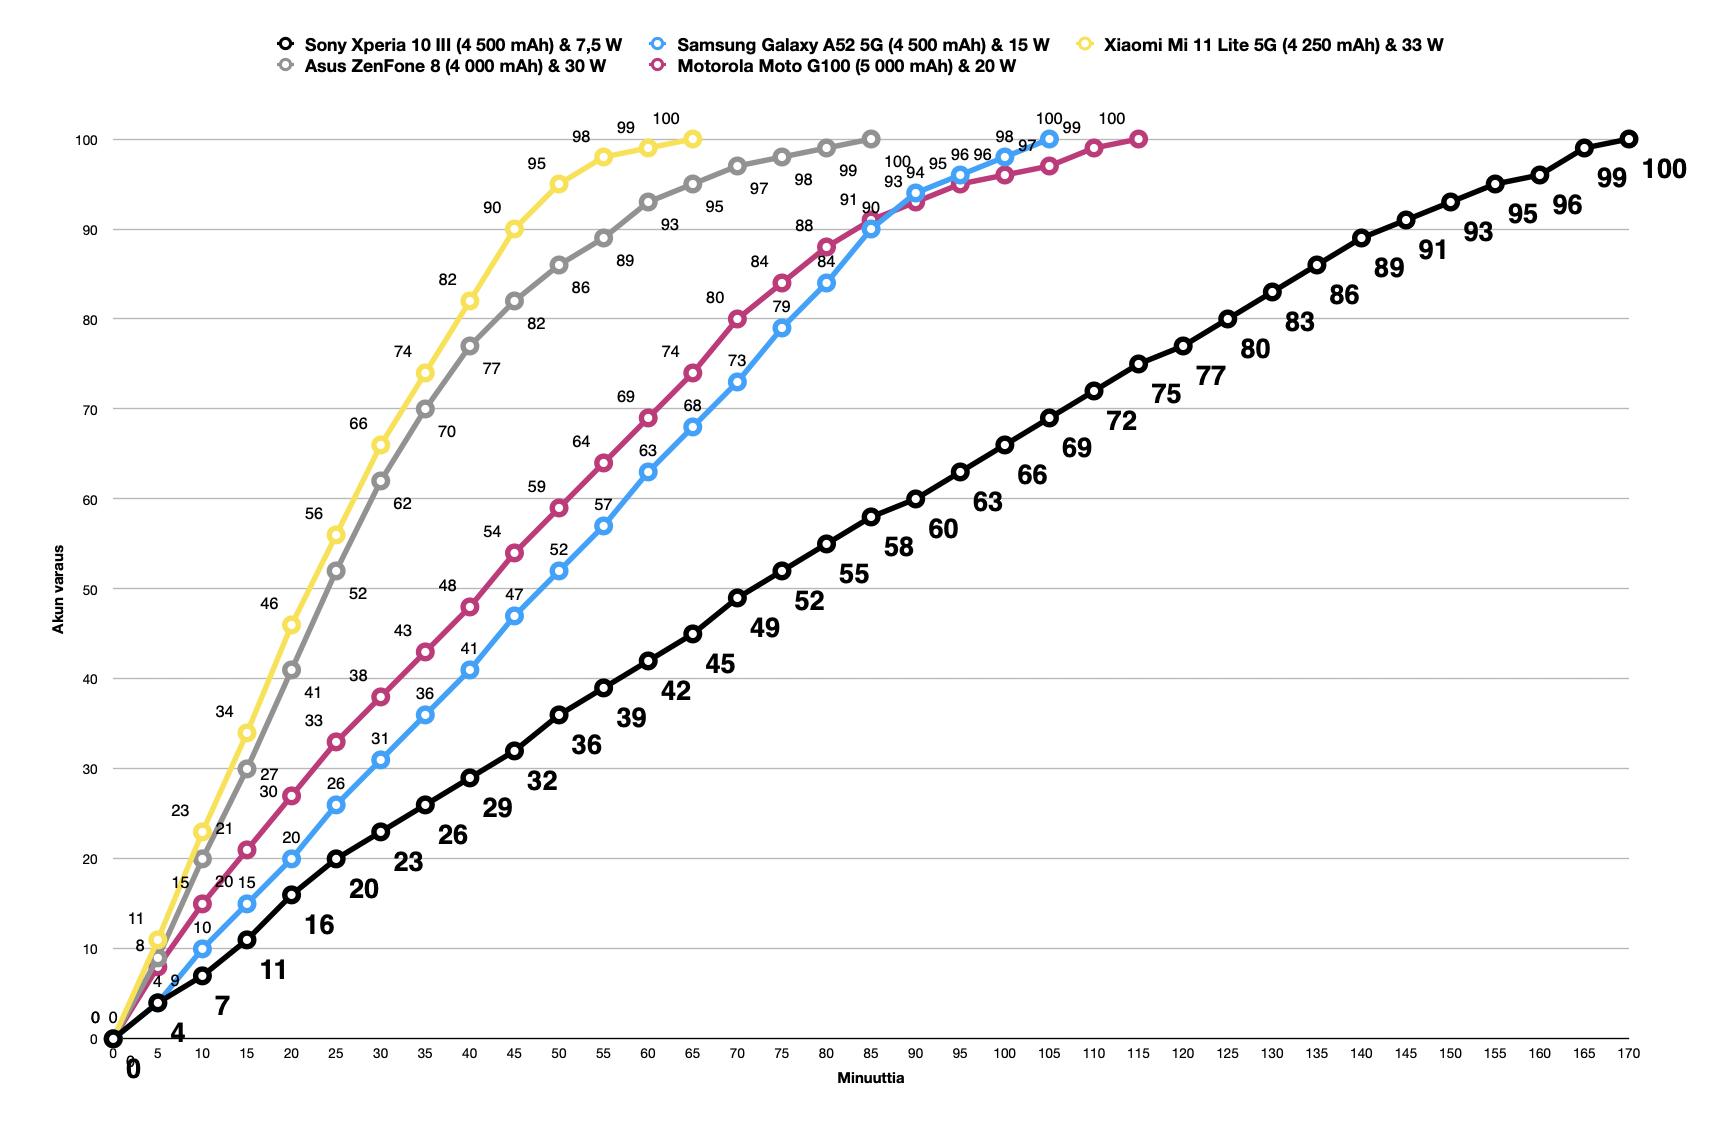 Latausajoissa Xperia 10 III erottuu joukosta, mutta ei hyvällä tavalla.